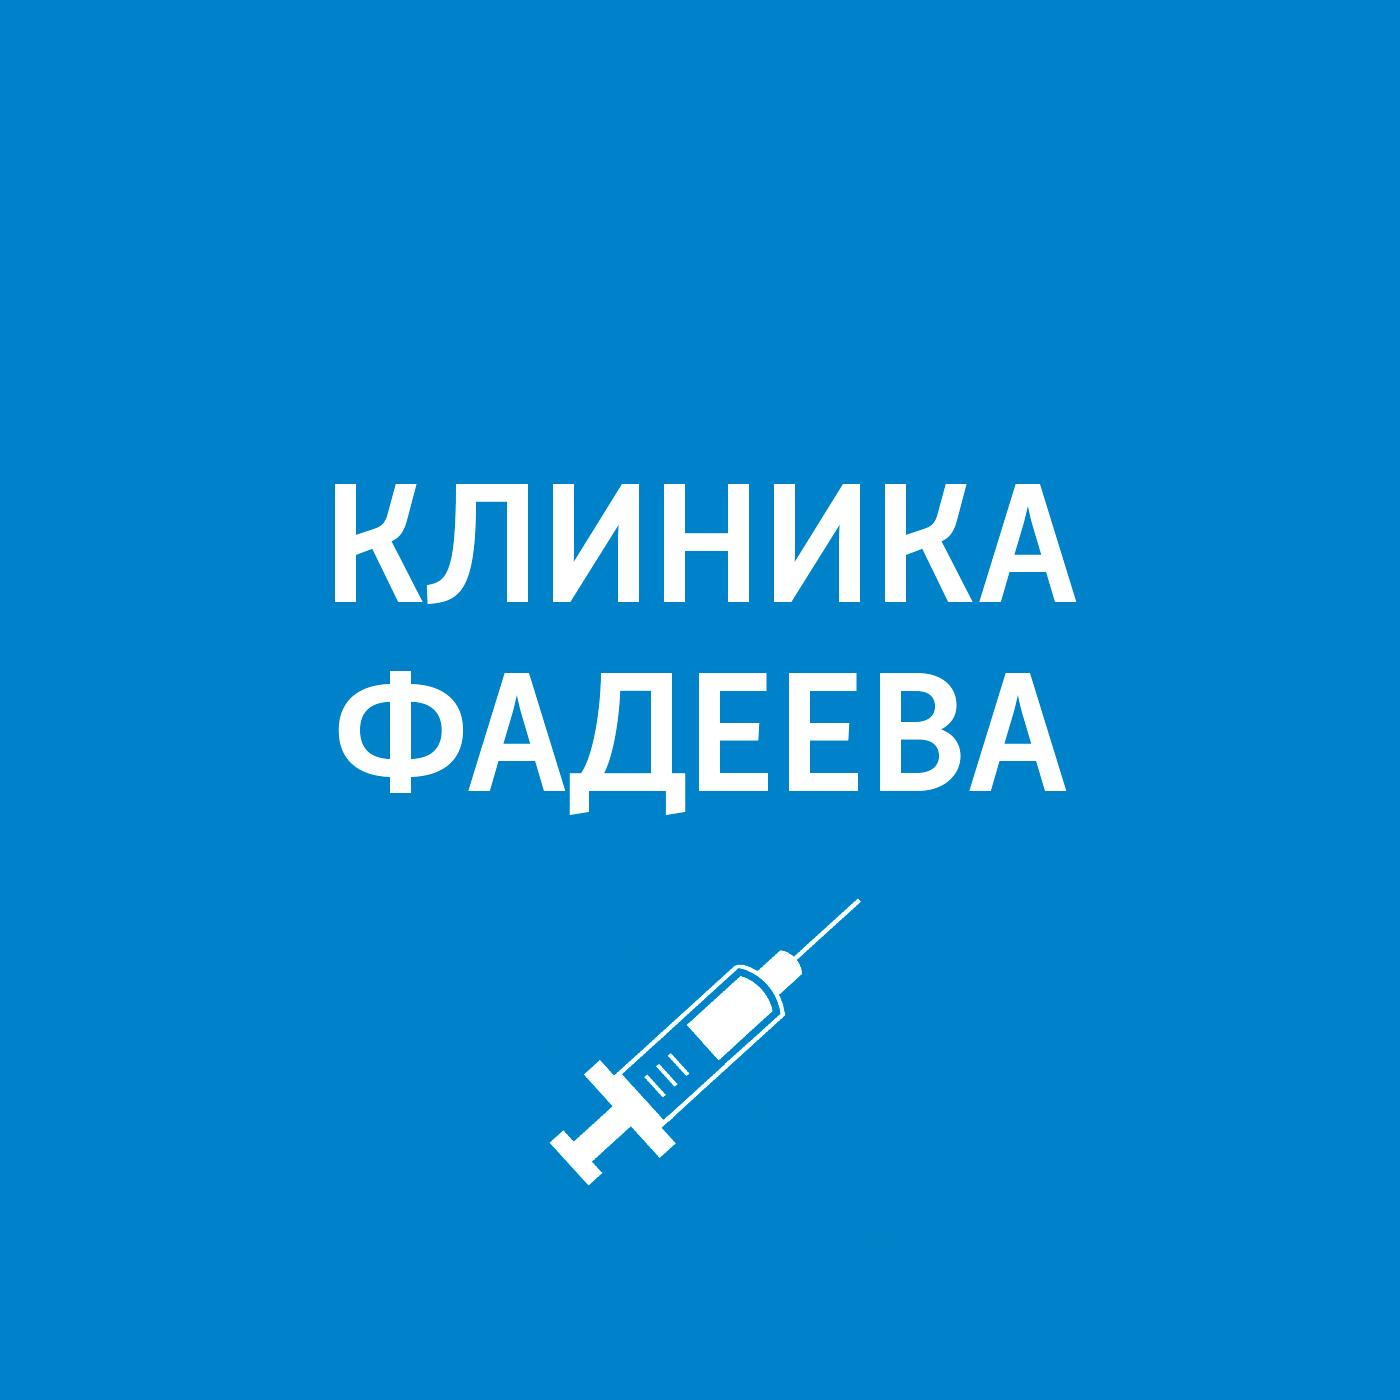 Пётр Фадеев Ветеринар-герпетолог пётр фадеев кинезиолог остеопат